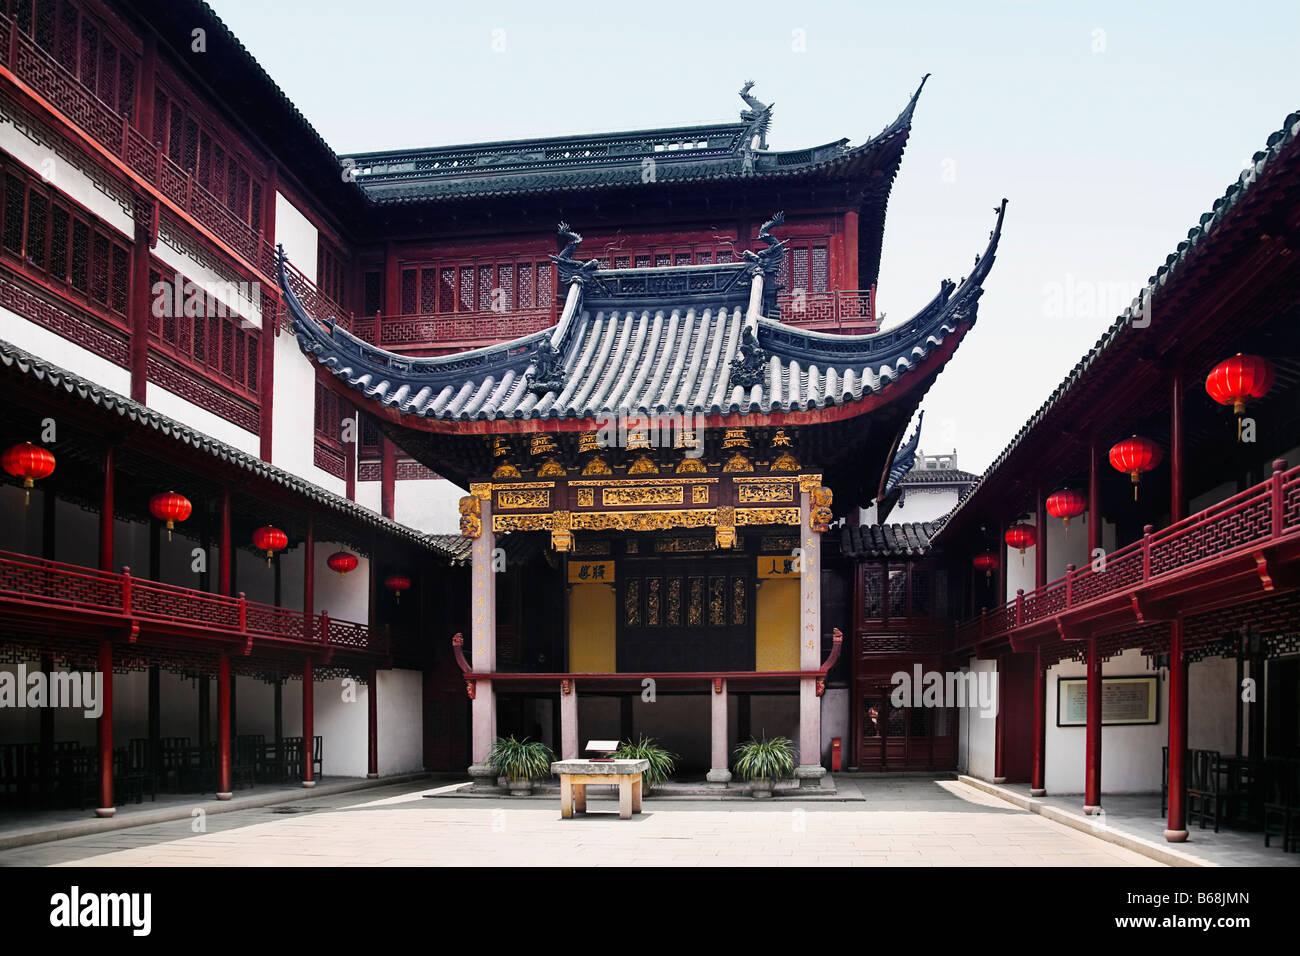 Courtyard of a building, Yu Yuan Gardens, Shanghai, China - Stock Image